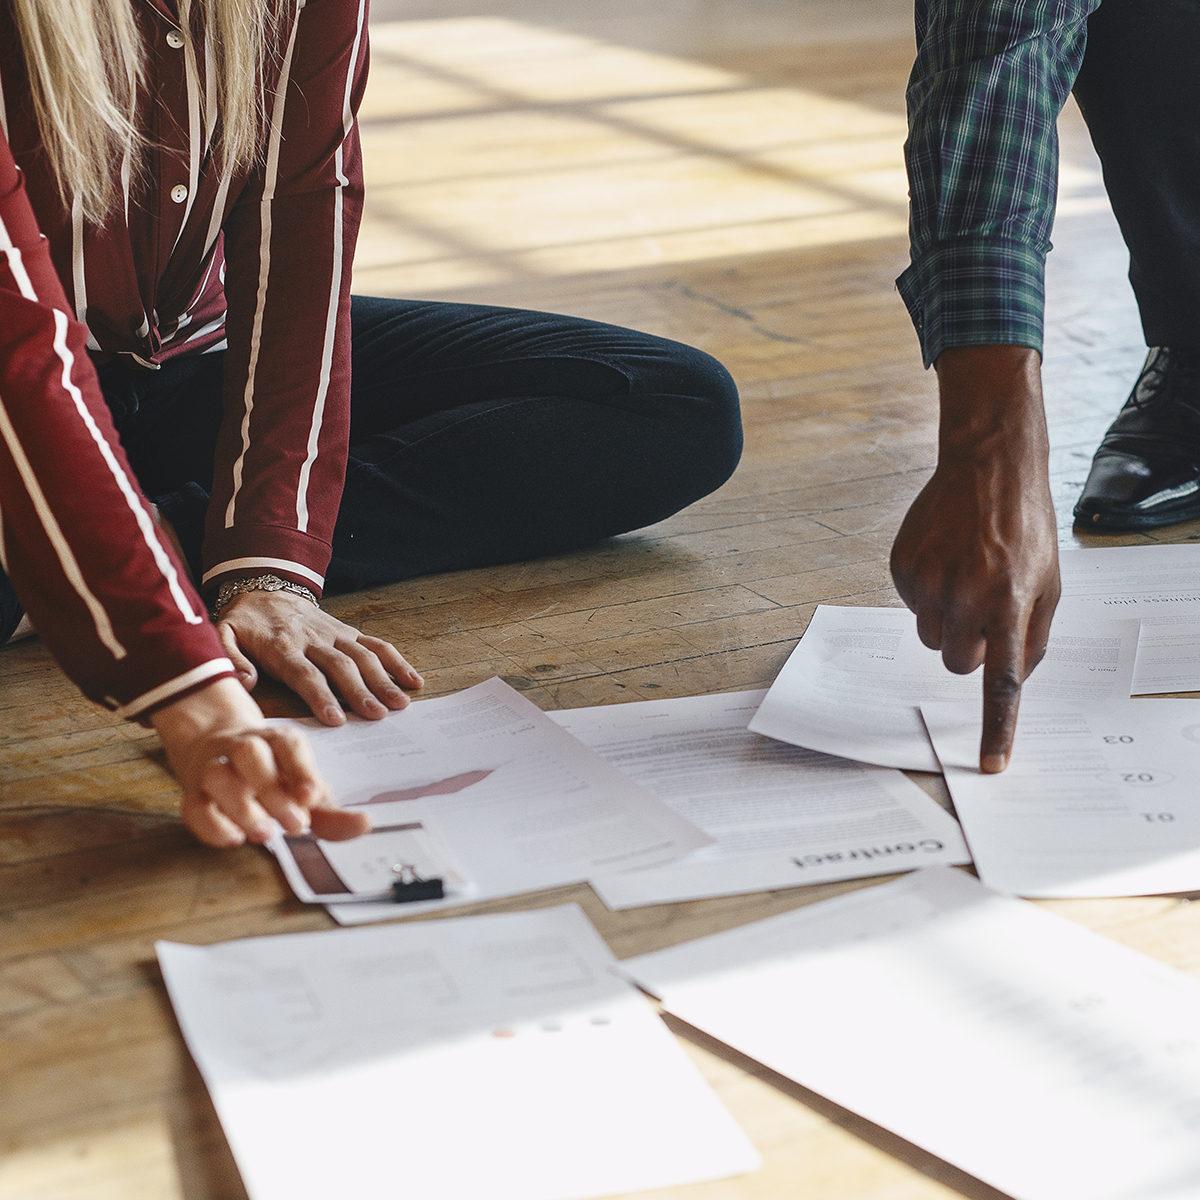 Kaksi henkilöä istumassa lattialla ja läpikäymässä yhdessä virallisia papereita